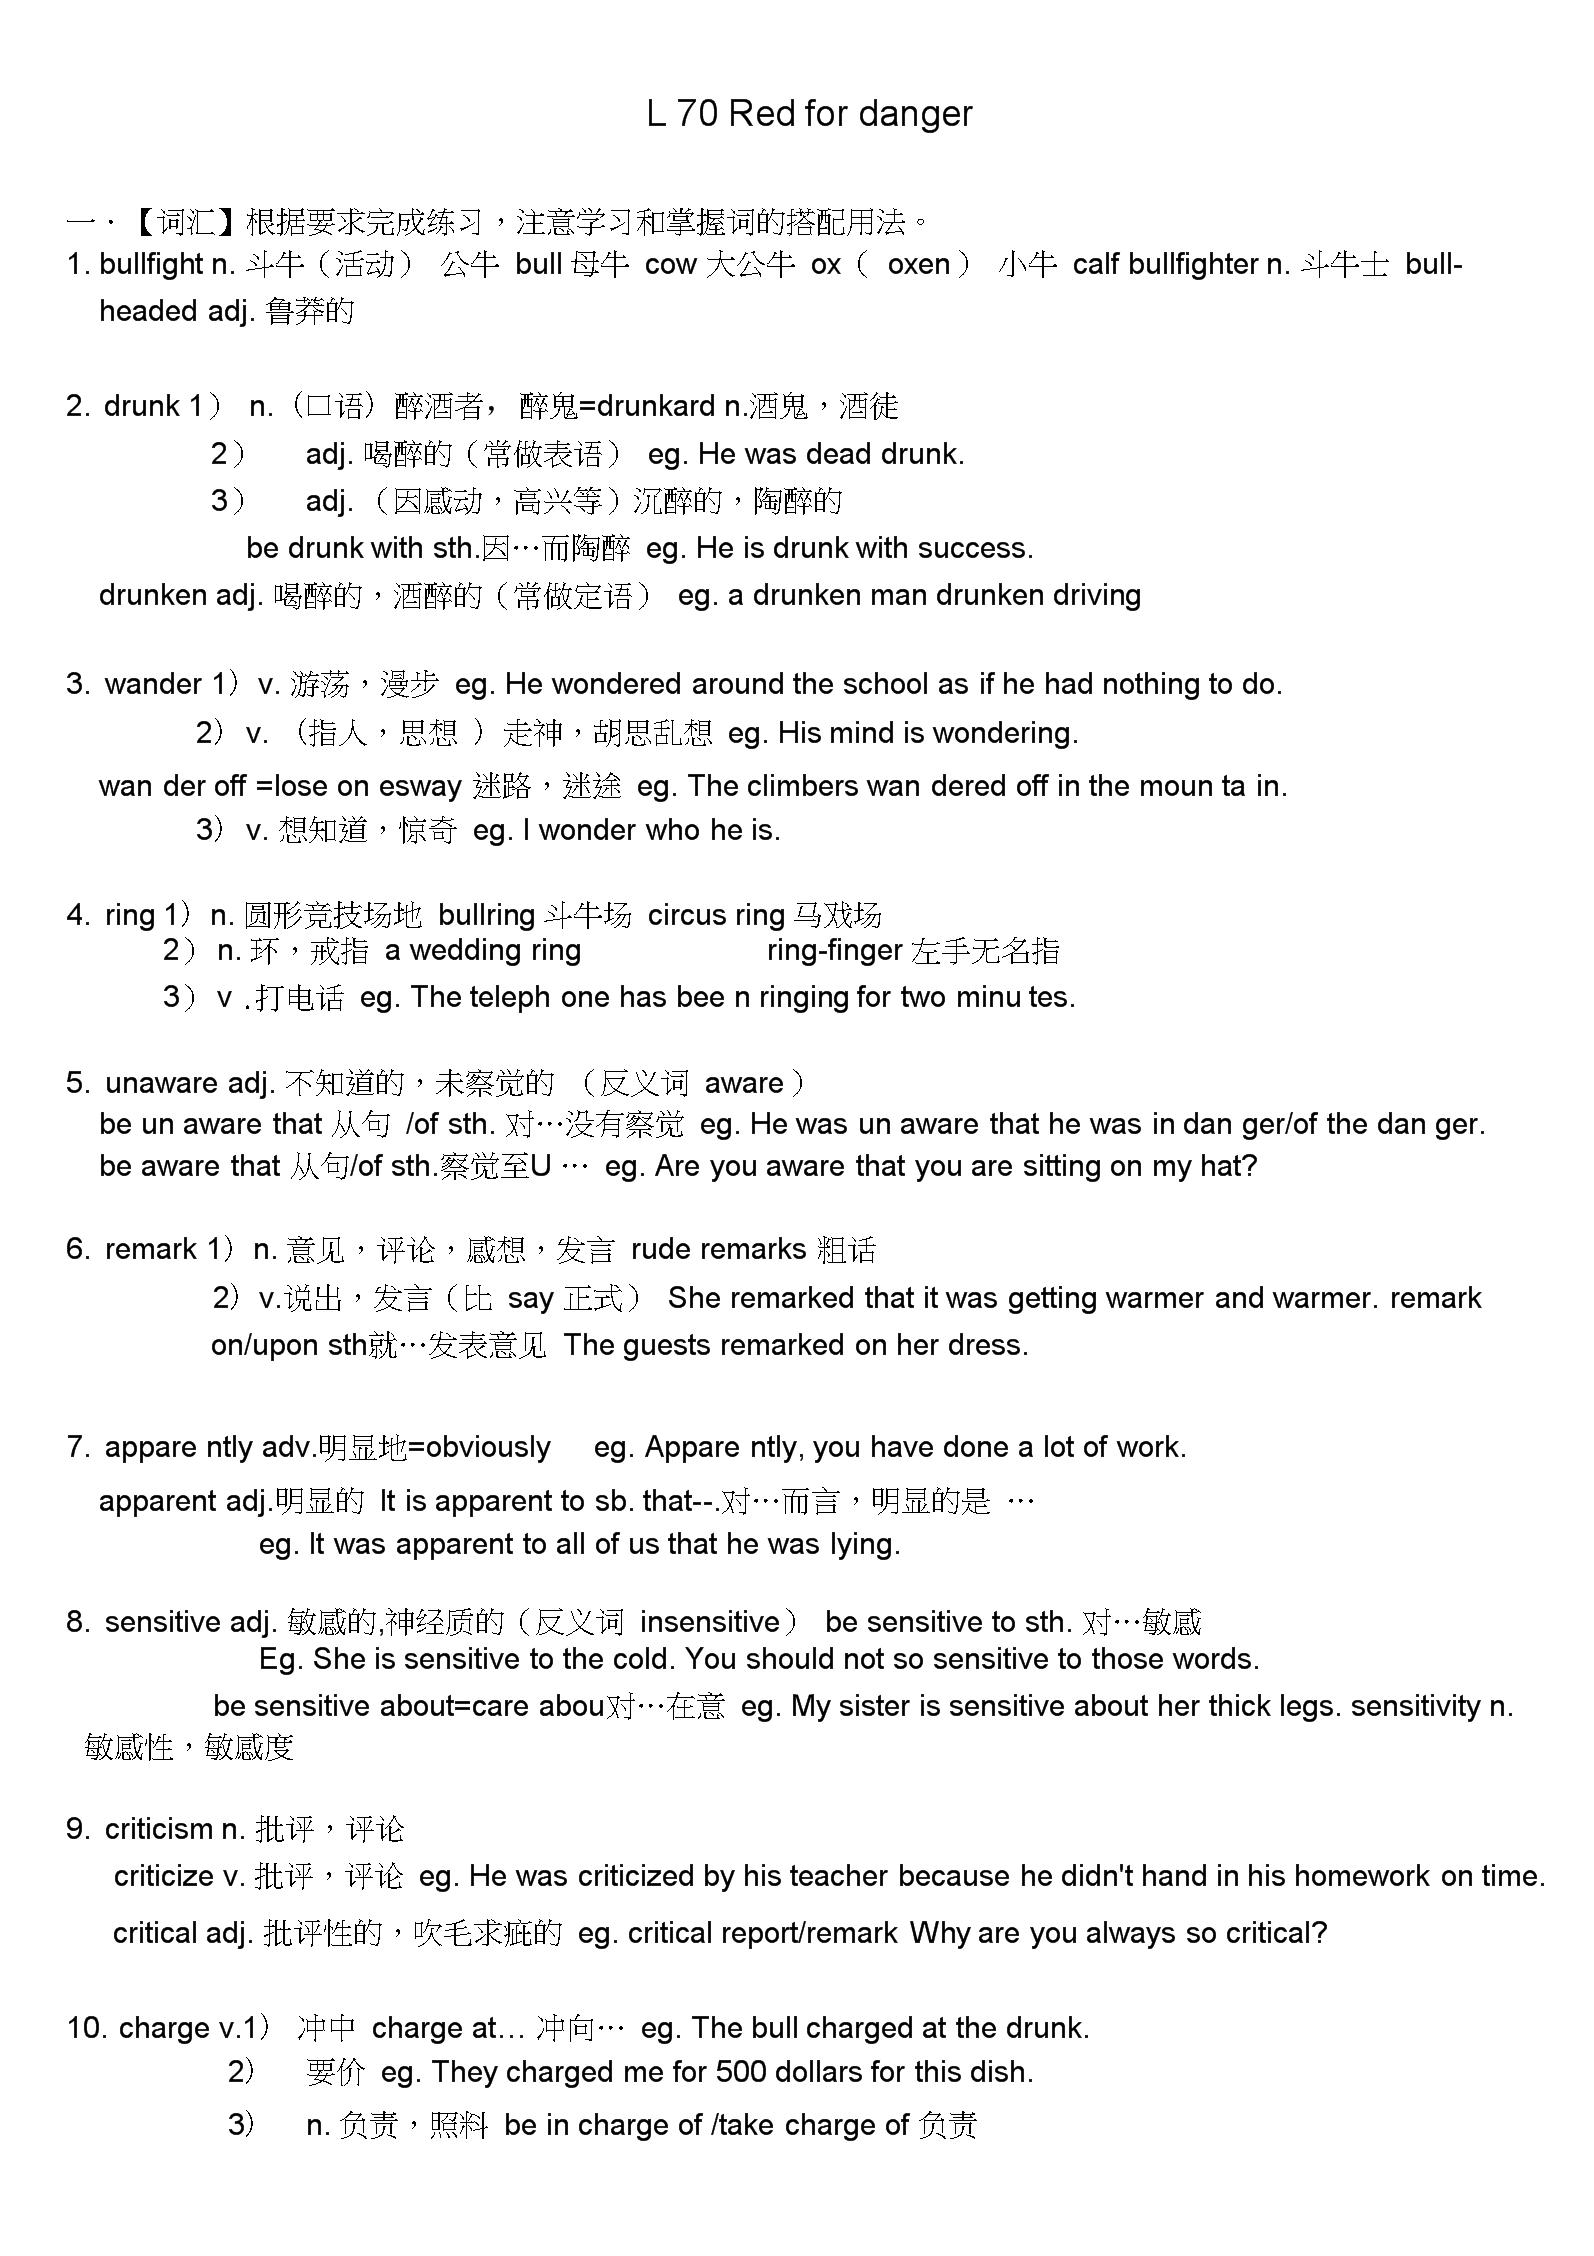 (完整版)新概念英语第二册讲解L70.docx